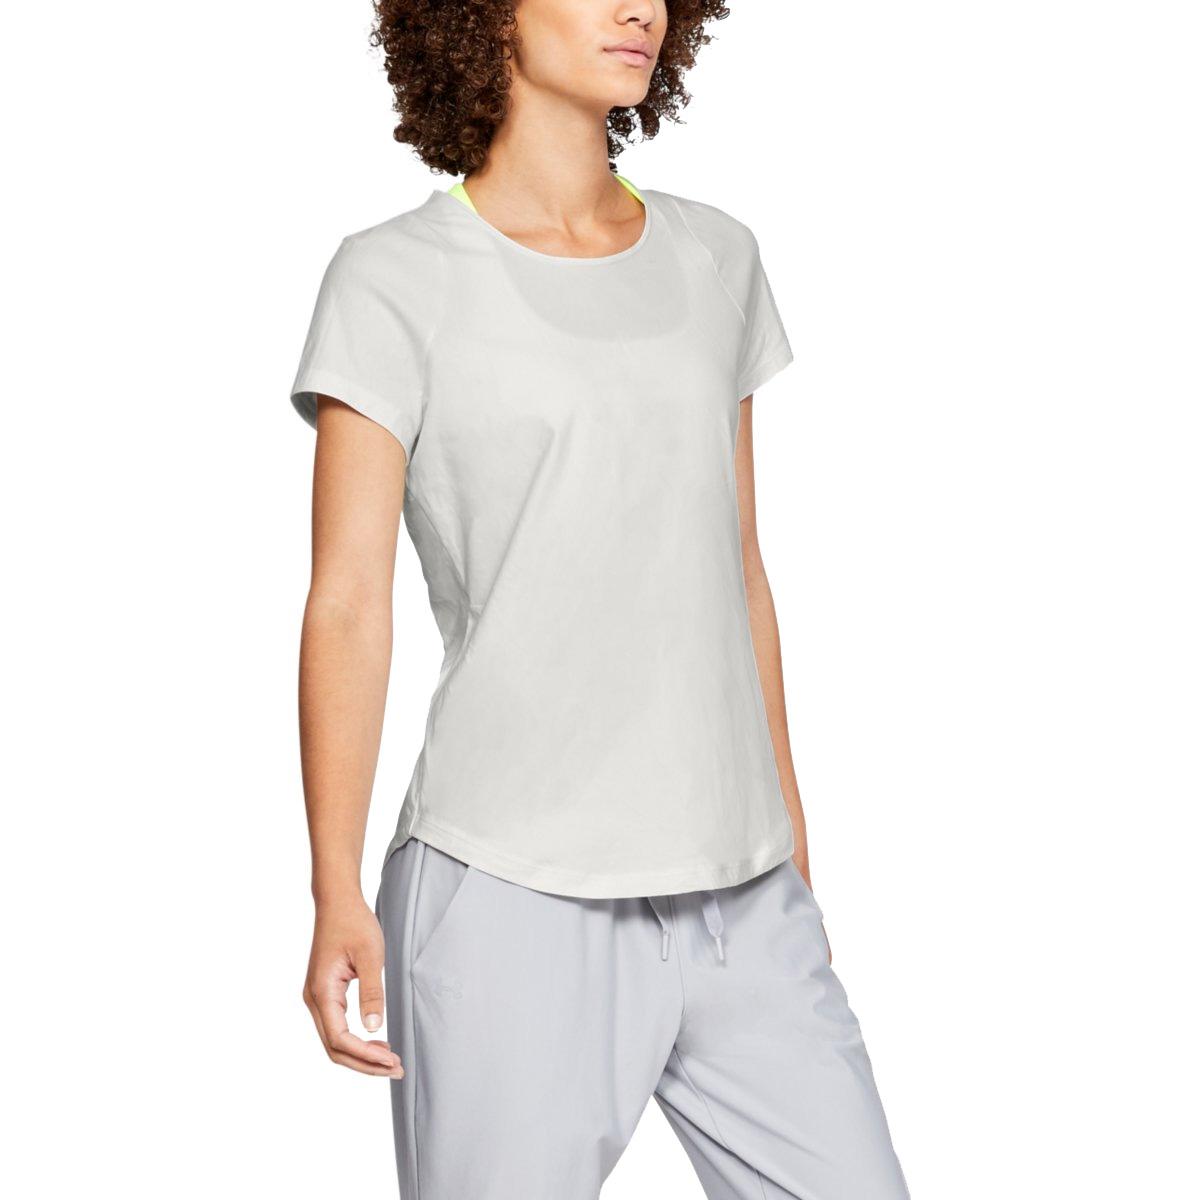 Under Armour Women s Vanish Short Sleeve T-Shirt - Onyx White ... 87f1b013b4